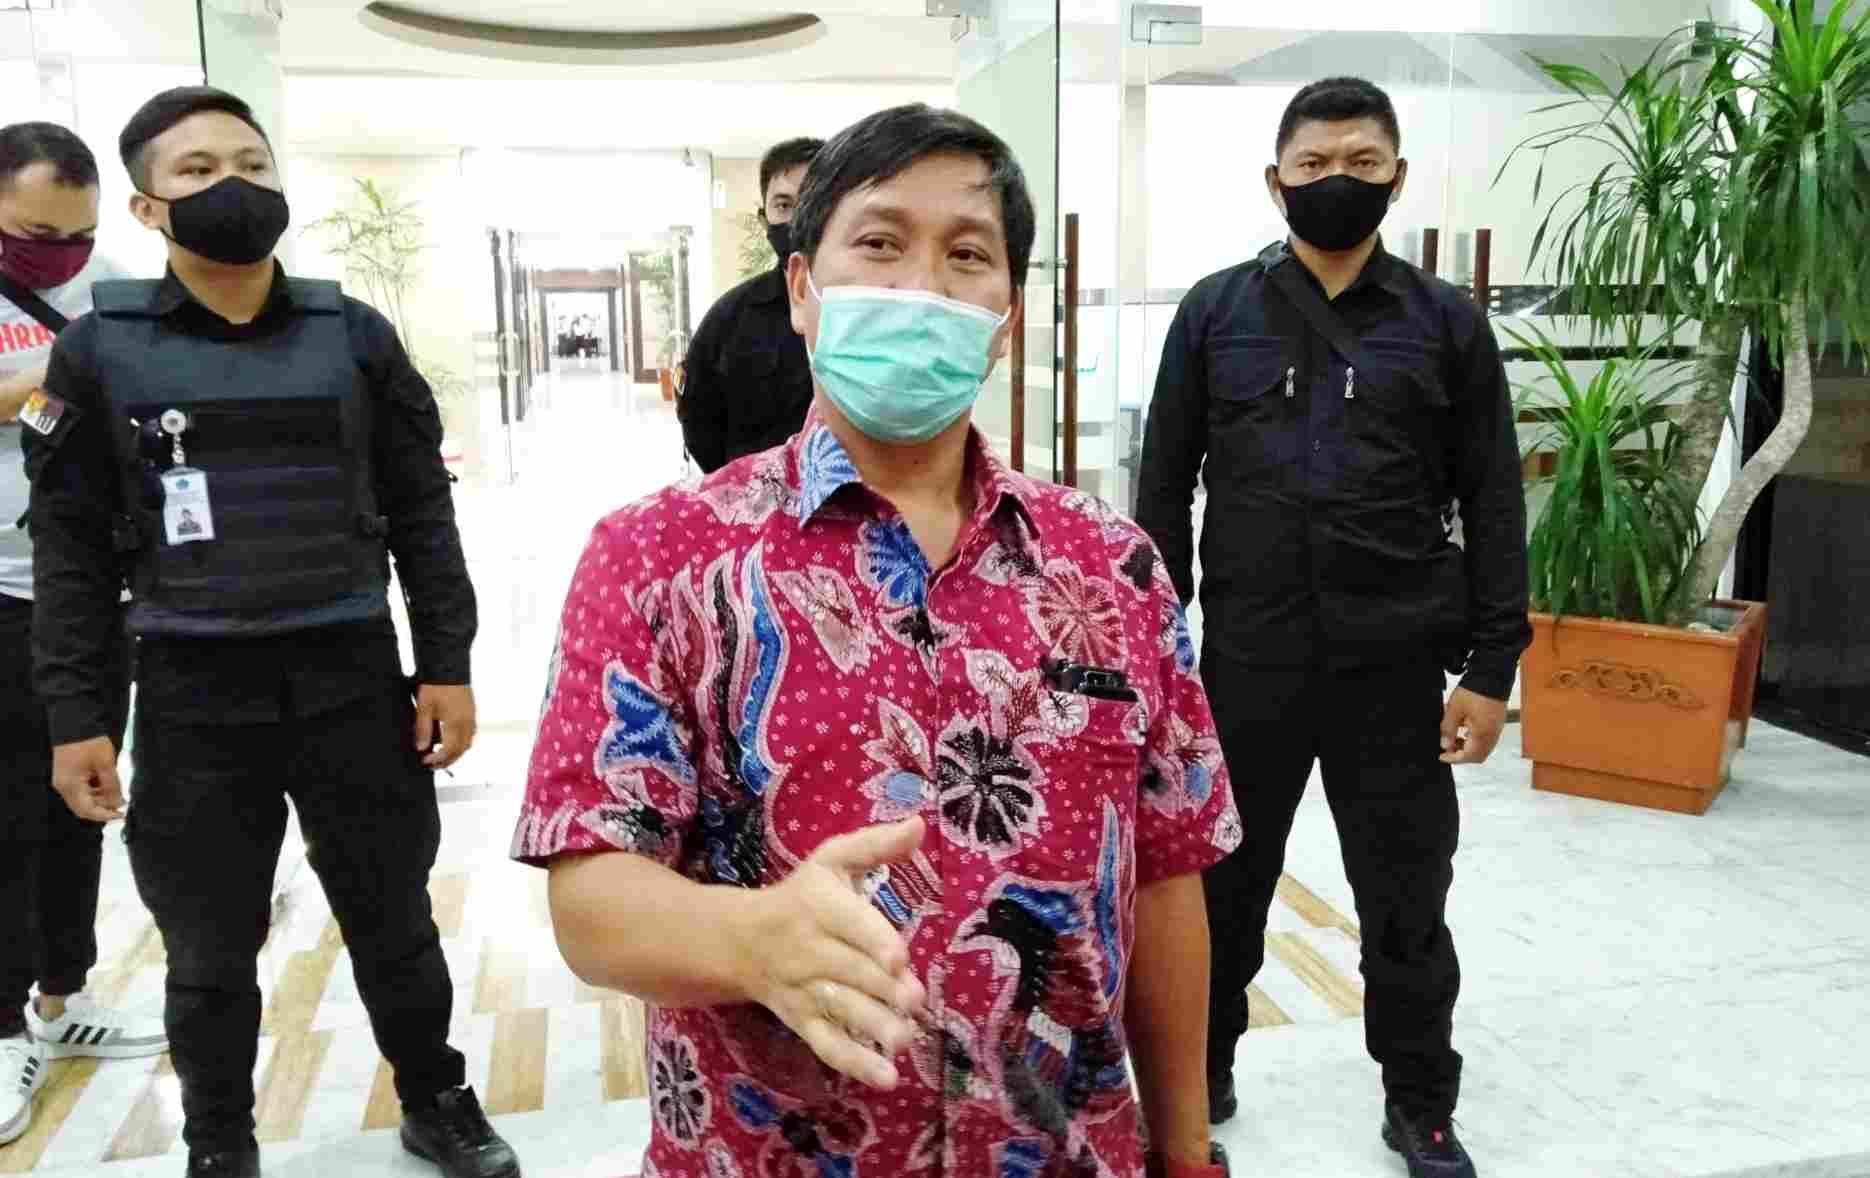 Wagub Kandouw Minta Perangkat Daerah Dukung Kerja Pjs Gubernur Sulut Agus Fatoni